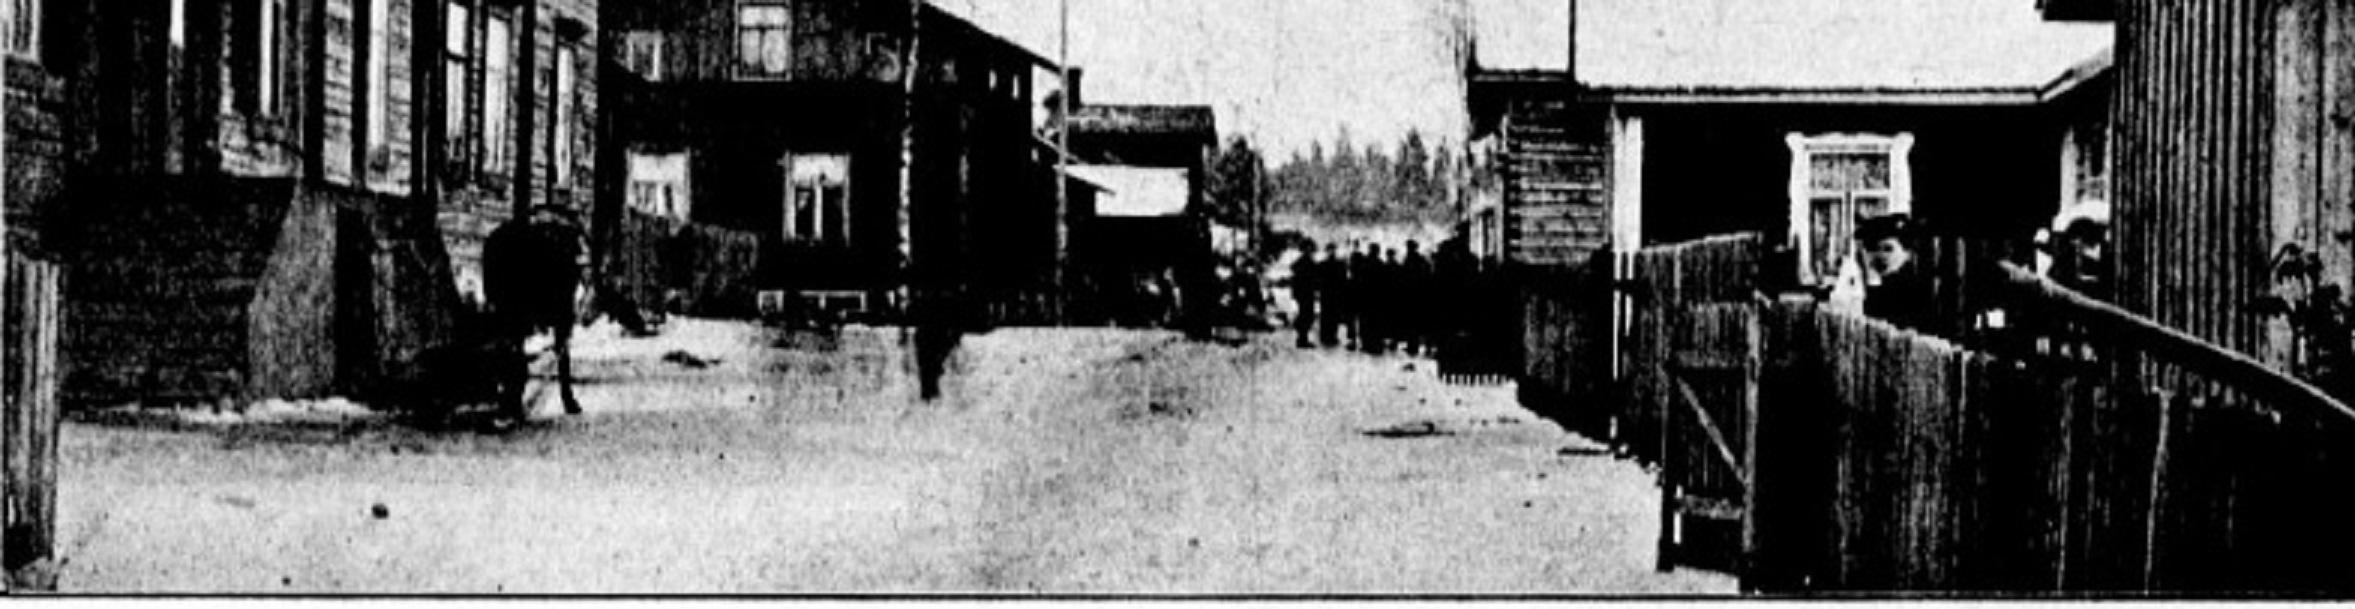 Kuva Lukutupa -lehdestä 9.11.1904. Kuvassa työntekijöiden asuntoja ja taustalla lakkolaisia.